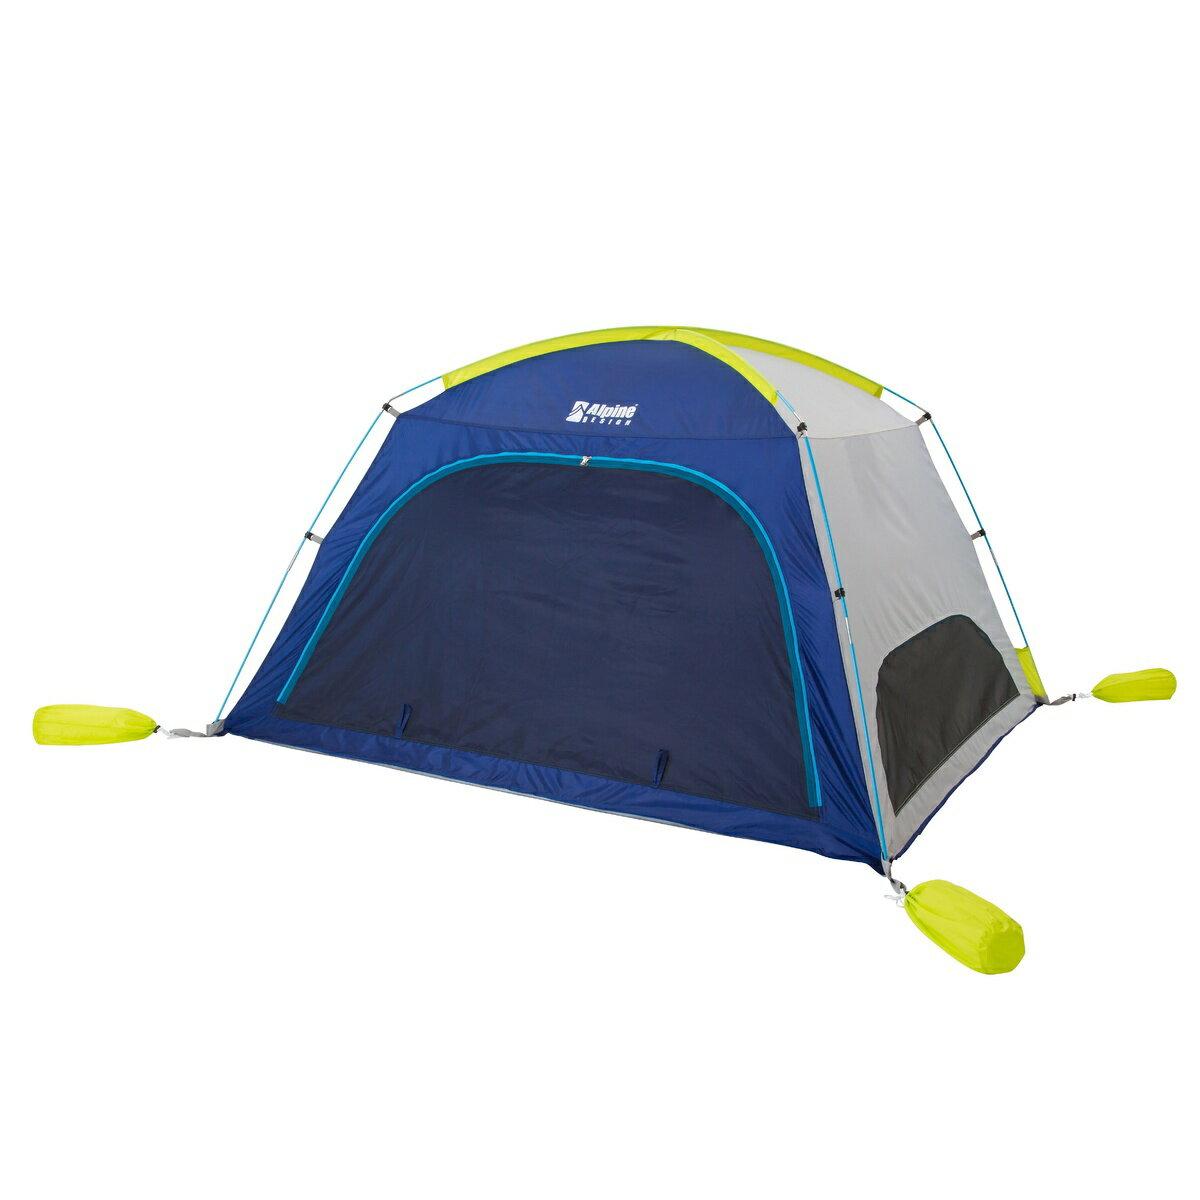 ● Alpine DESIGN (アルパインデザイン) キャンプ用品 サンシェード スクリーンサンシェード ネイビー AD-S17-402-012